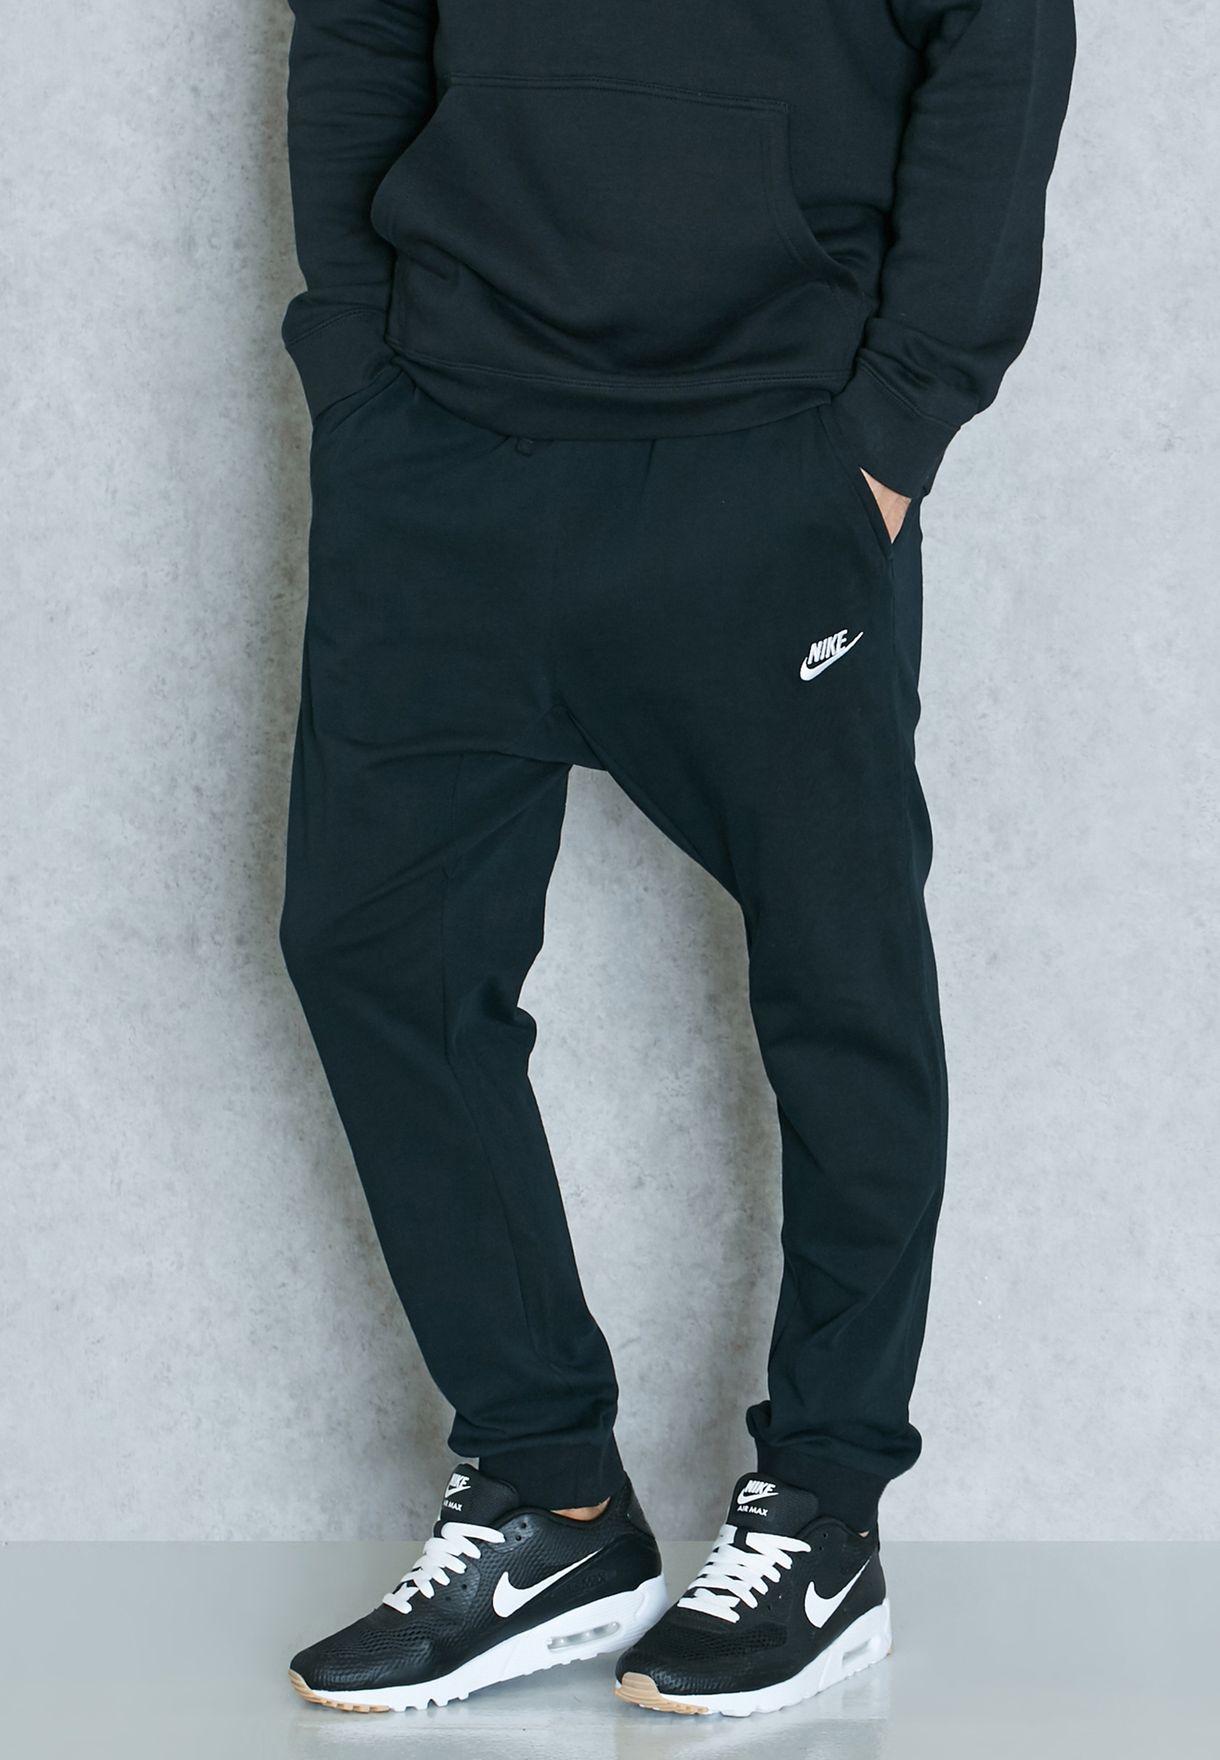 pick up high fashion check out Club Jersey Cuffed Sweatpants